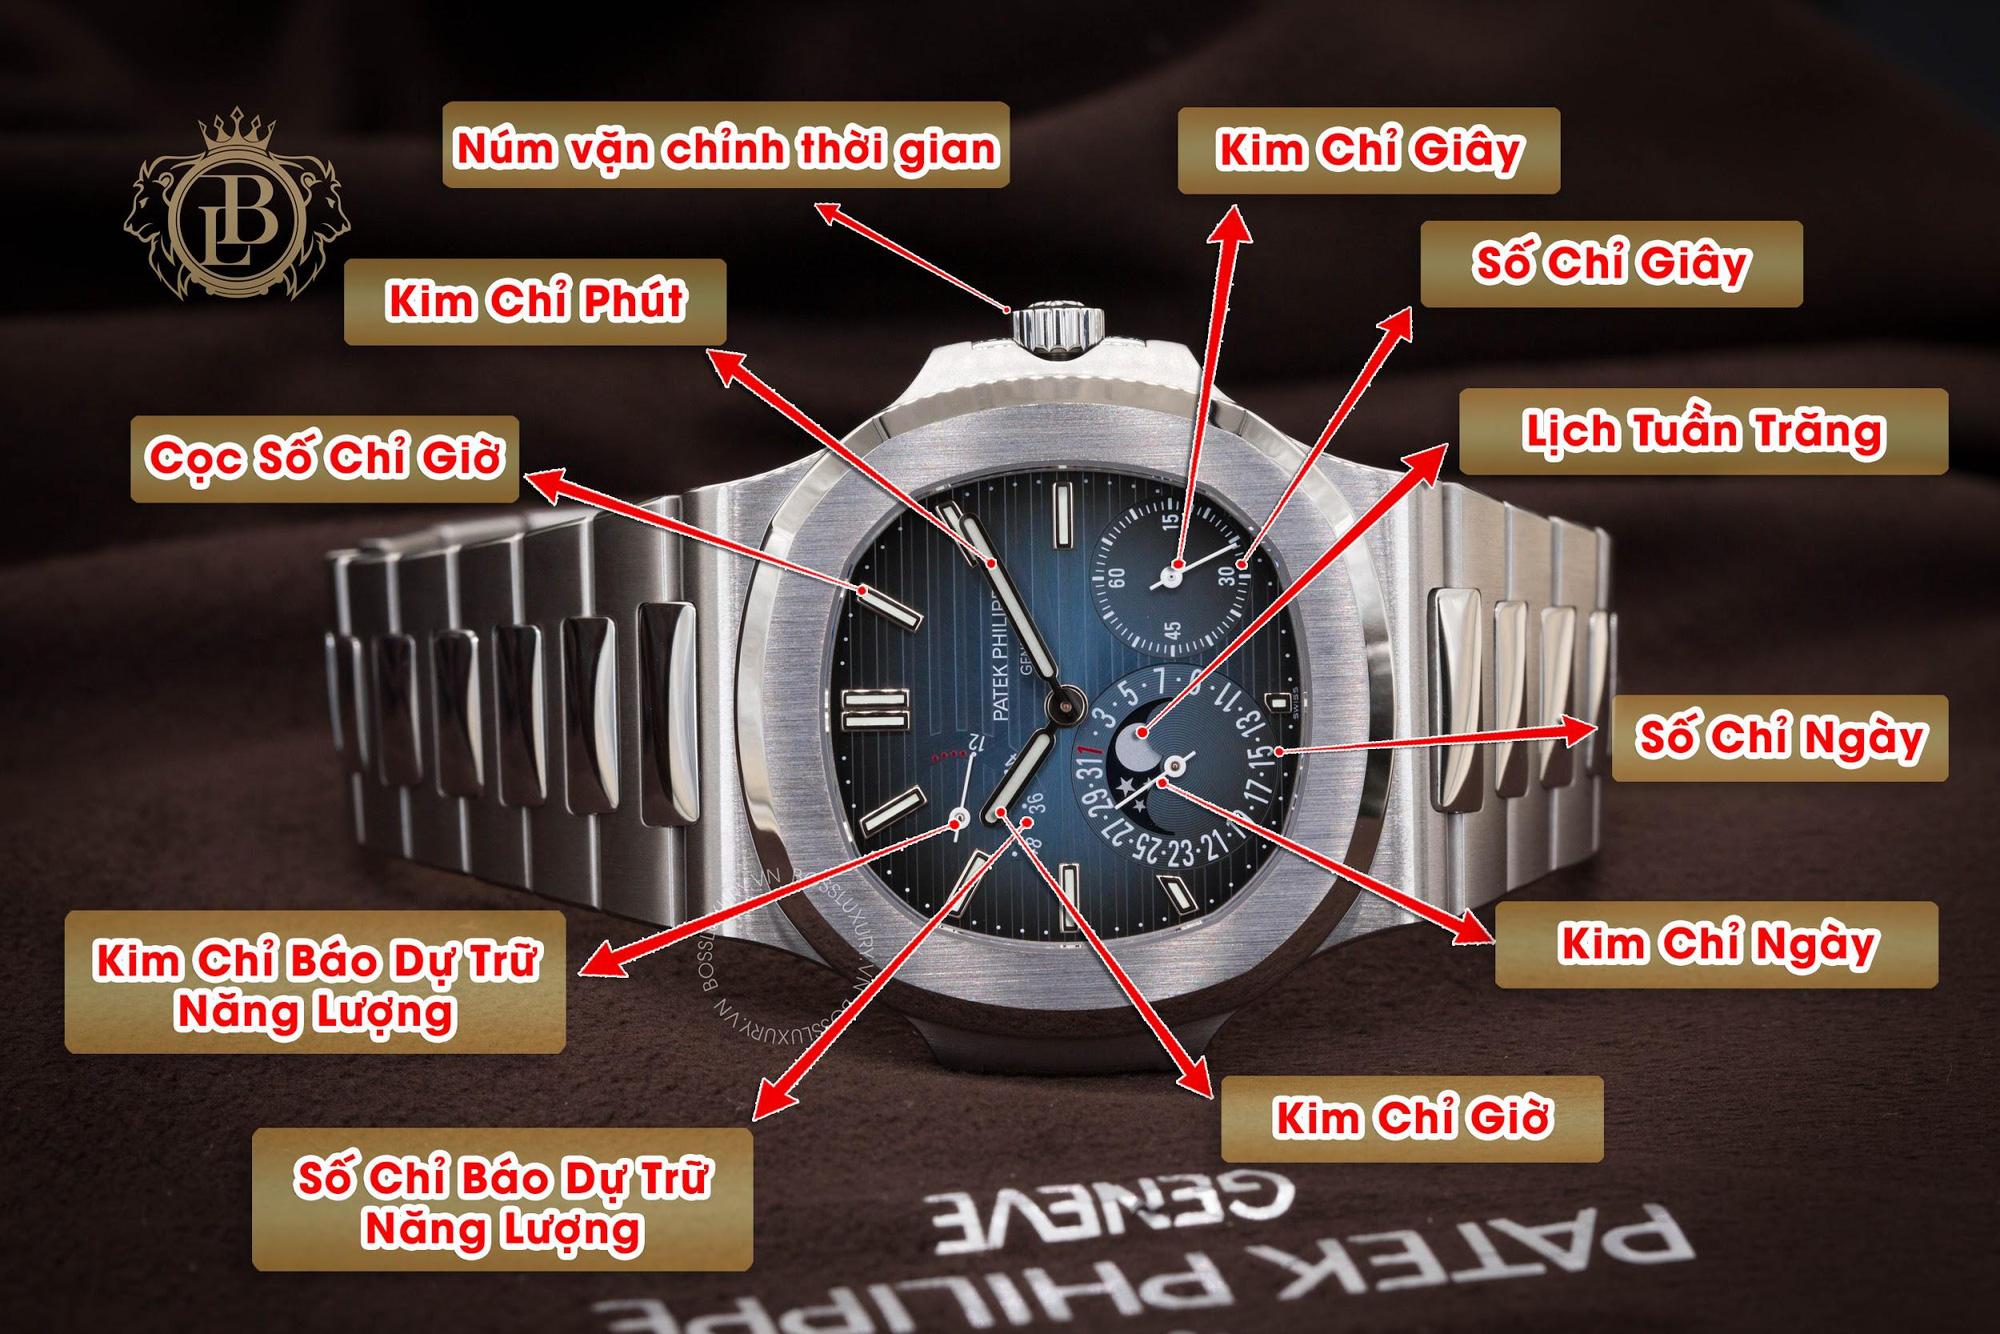 Boss Luxury chỉ ra 5 lưu ý quan trọng khi chọn mua đồng hồ cao cấp - Ảnh 4.